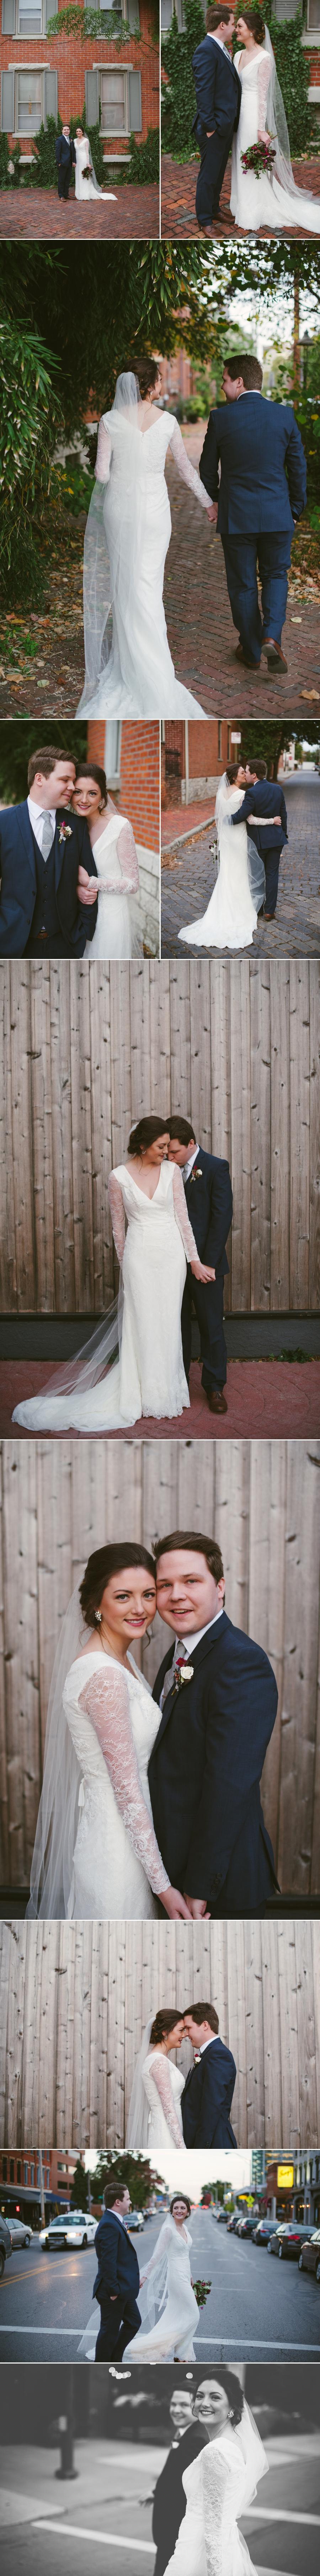 Laura and Matt Married 10